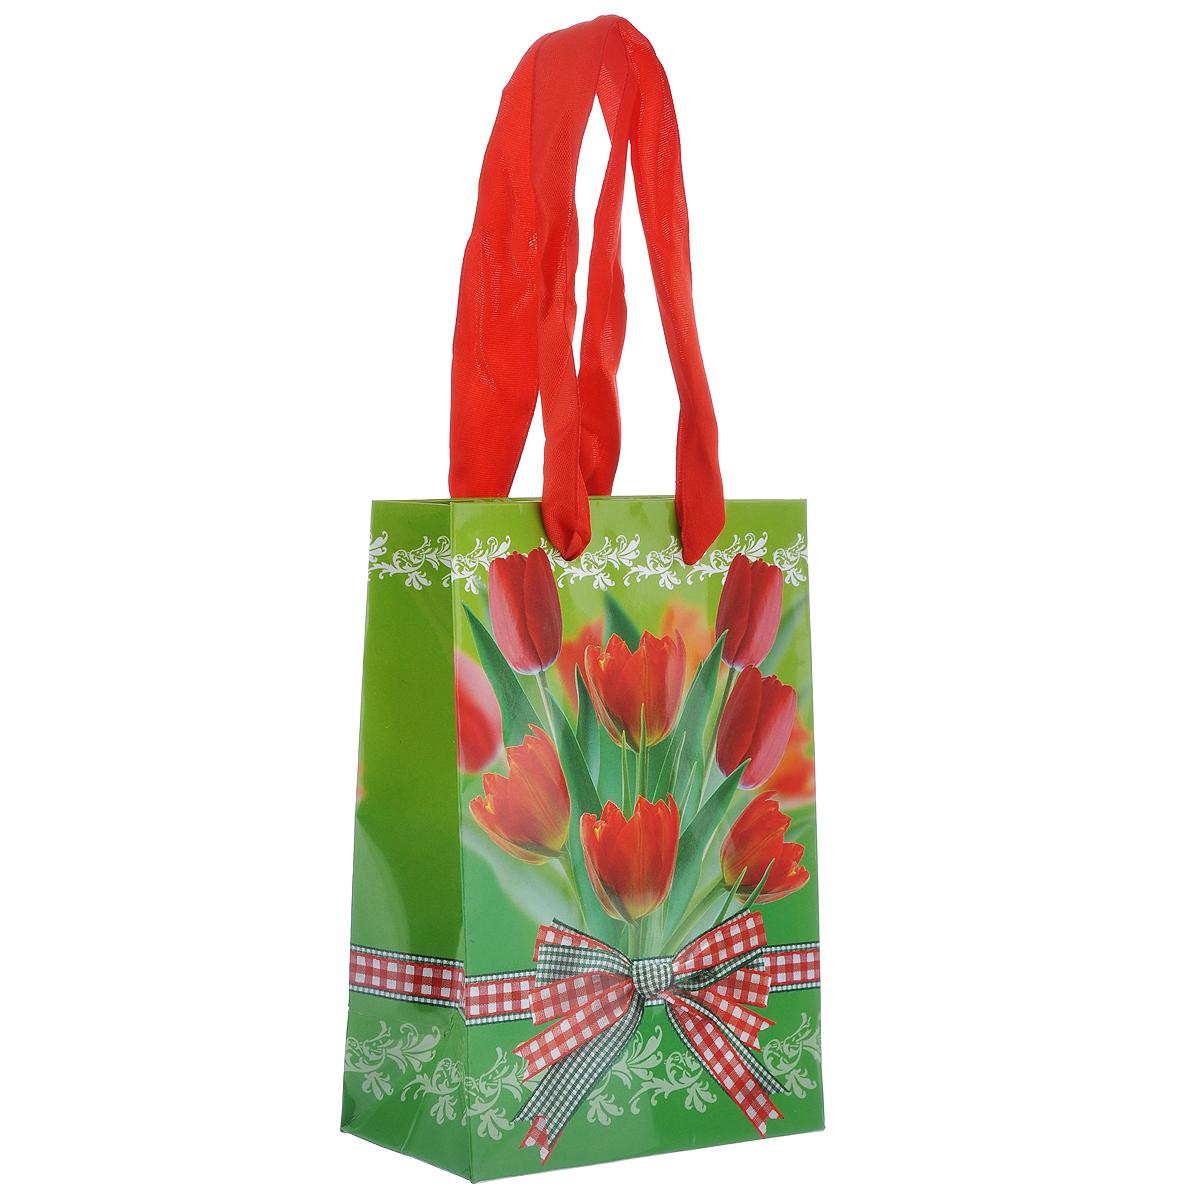 Пакет подарочный Тюльпаны, 10 х 15 х 6 см55052Подарочный пакет Тюльпаны выполнен из плотной ламинированной бумаги с красочным цветочным рисунком. Дизайн очень яркий и заряжает весенним настроением. Дно изделия укреплено плотным картоном, который позволяет сохранить форму пакета и исключает возможность деформации под тяжестью подарка. Для удобной переноски на пакете имеются две атласные ручки.Подарок, преподнесенный в оригинальной упаковке, всегда будет самым эффектным и запоминающимся. Окружите близких людей вниманием и заботой, вручив презент в нарядном, праздничном оформлении.